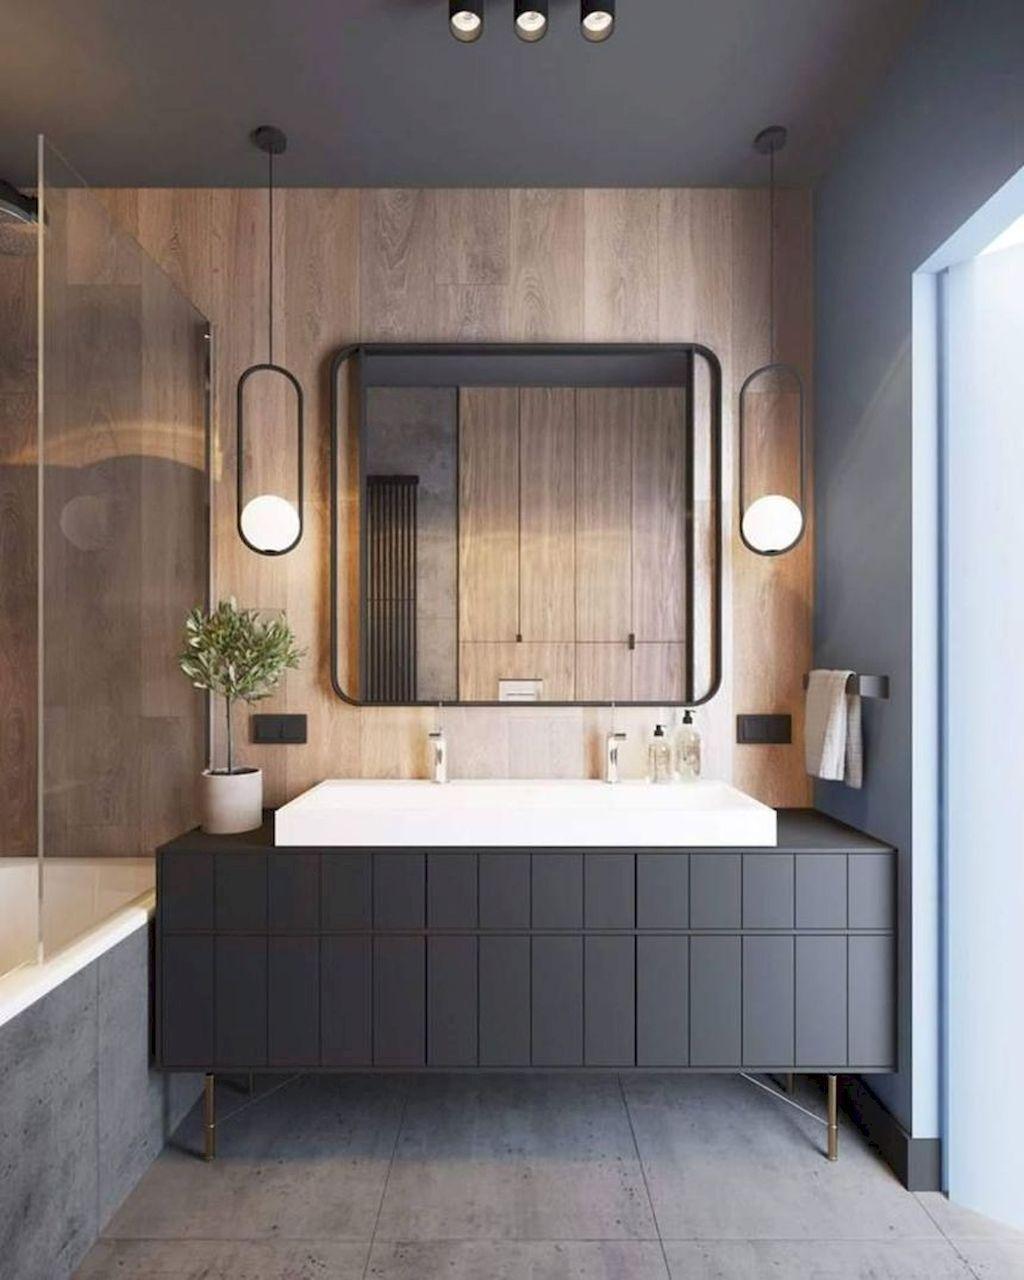 All Details You Need To Know About Home Decoration In 2020 Badezimmer Innenausstattung Moderne Badezimmerspiegel Modernes Badezimmerdesign